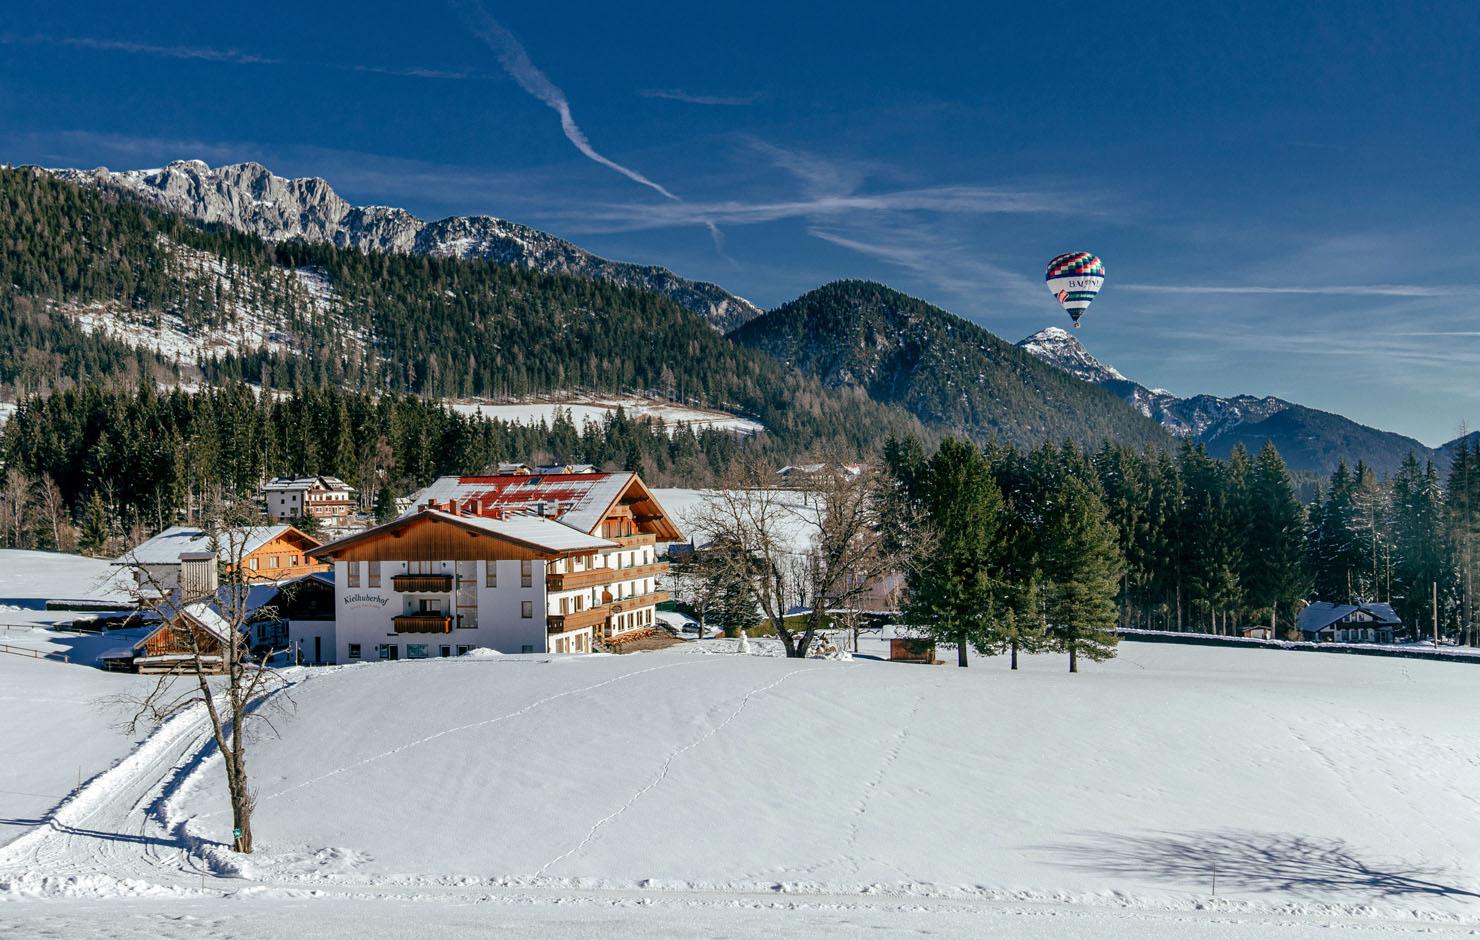 Hotel Kielhuberhof #5